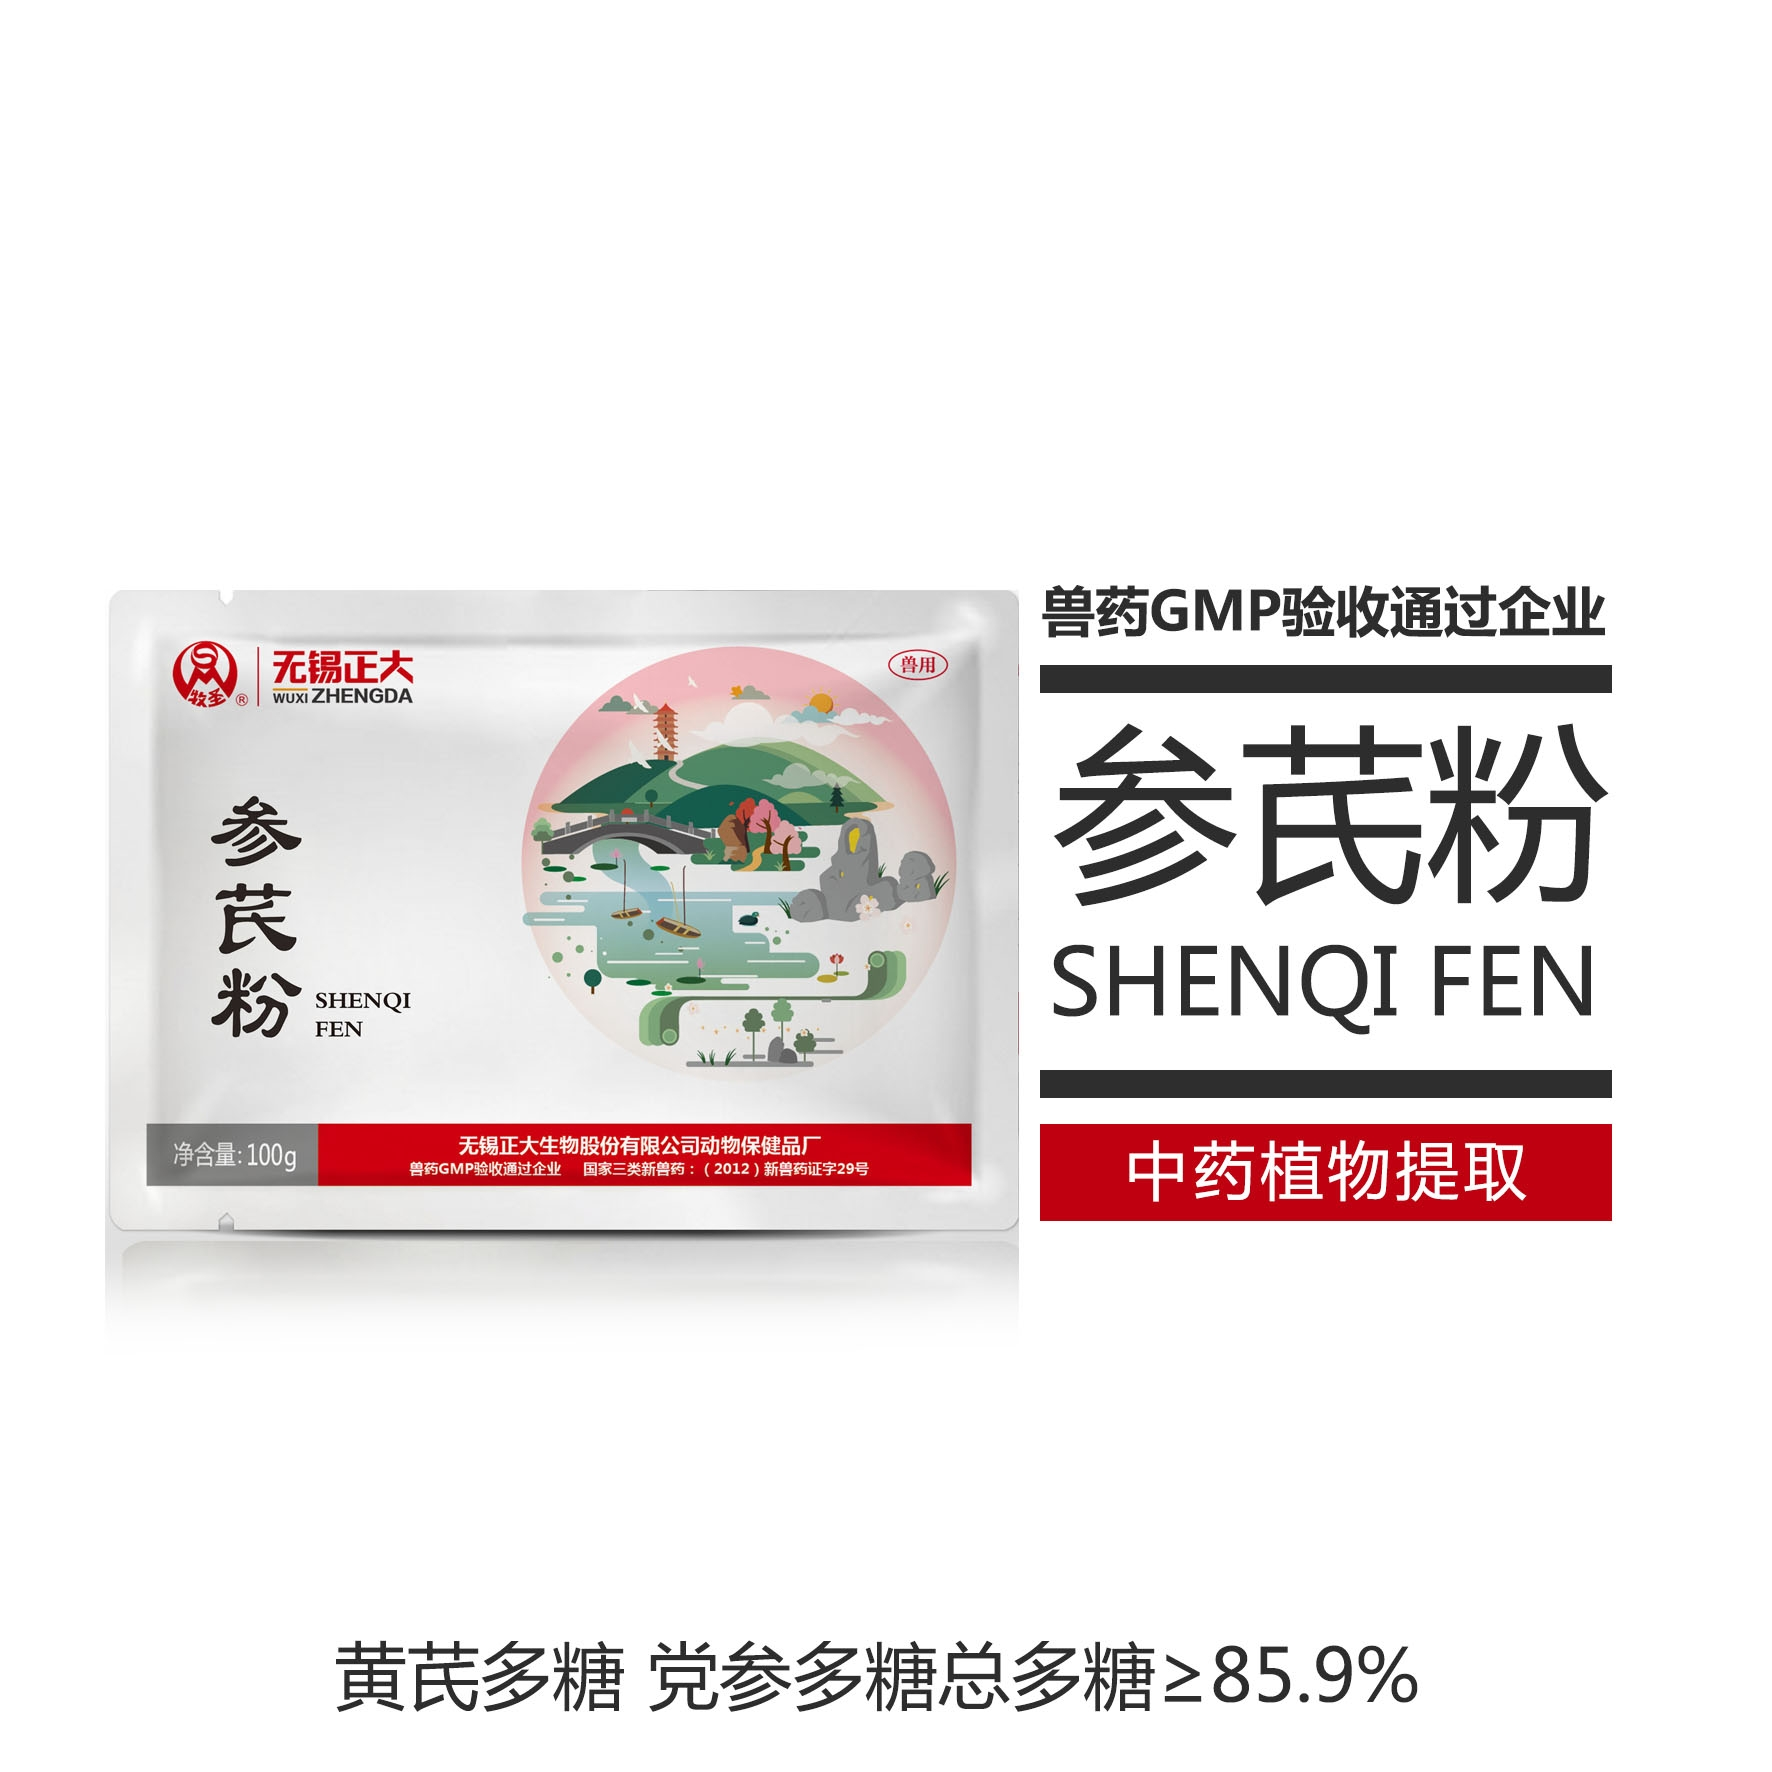 【无锡正大】 参芪粉 100g*100 植物提取 抗心肌炎、抗应激